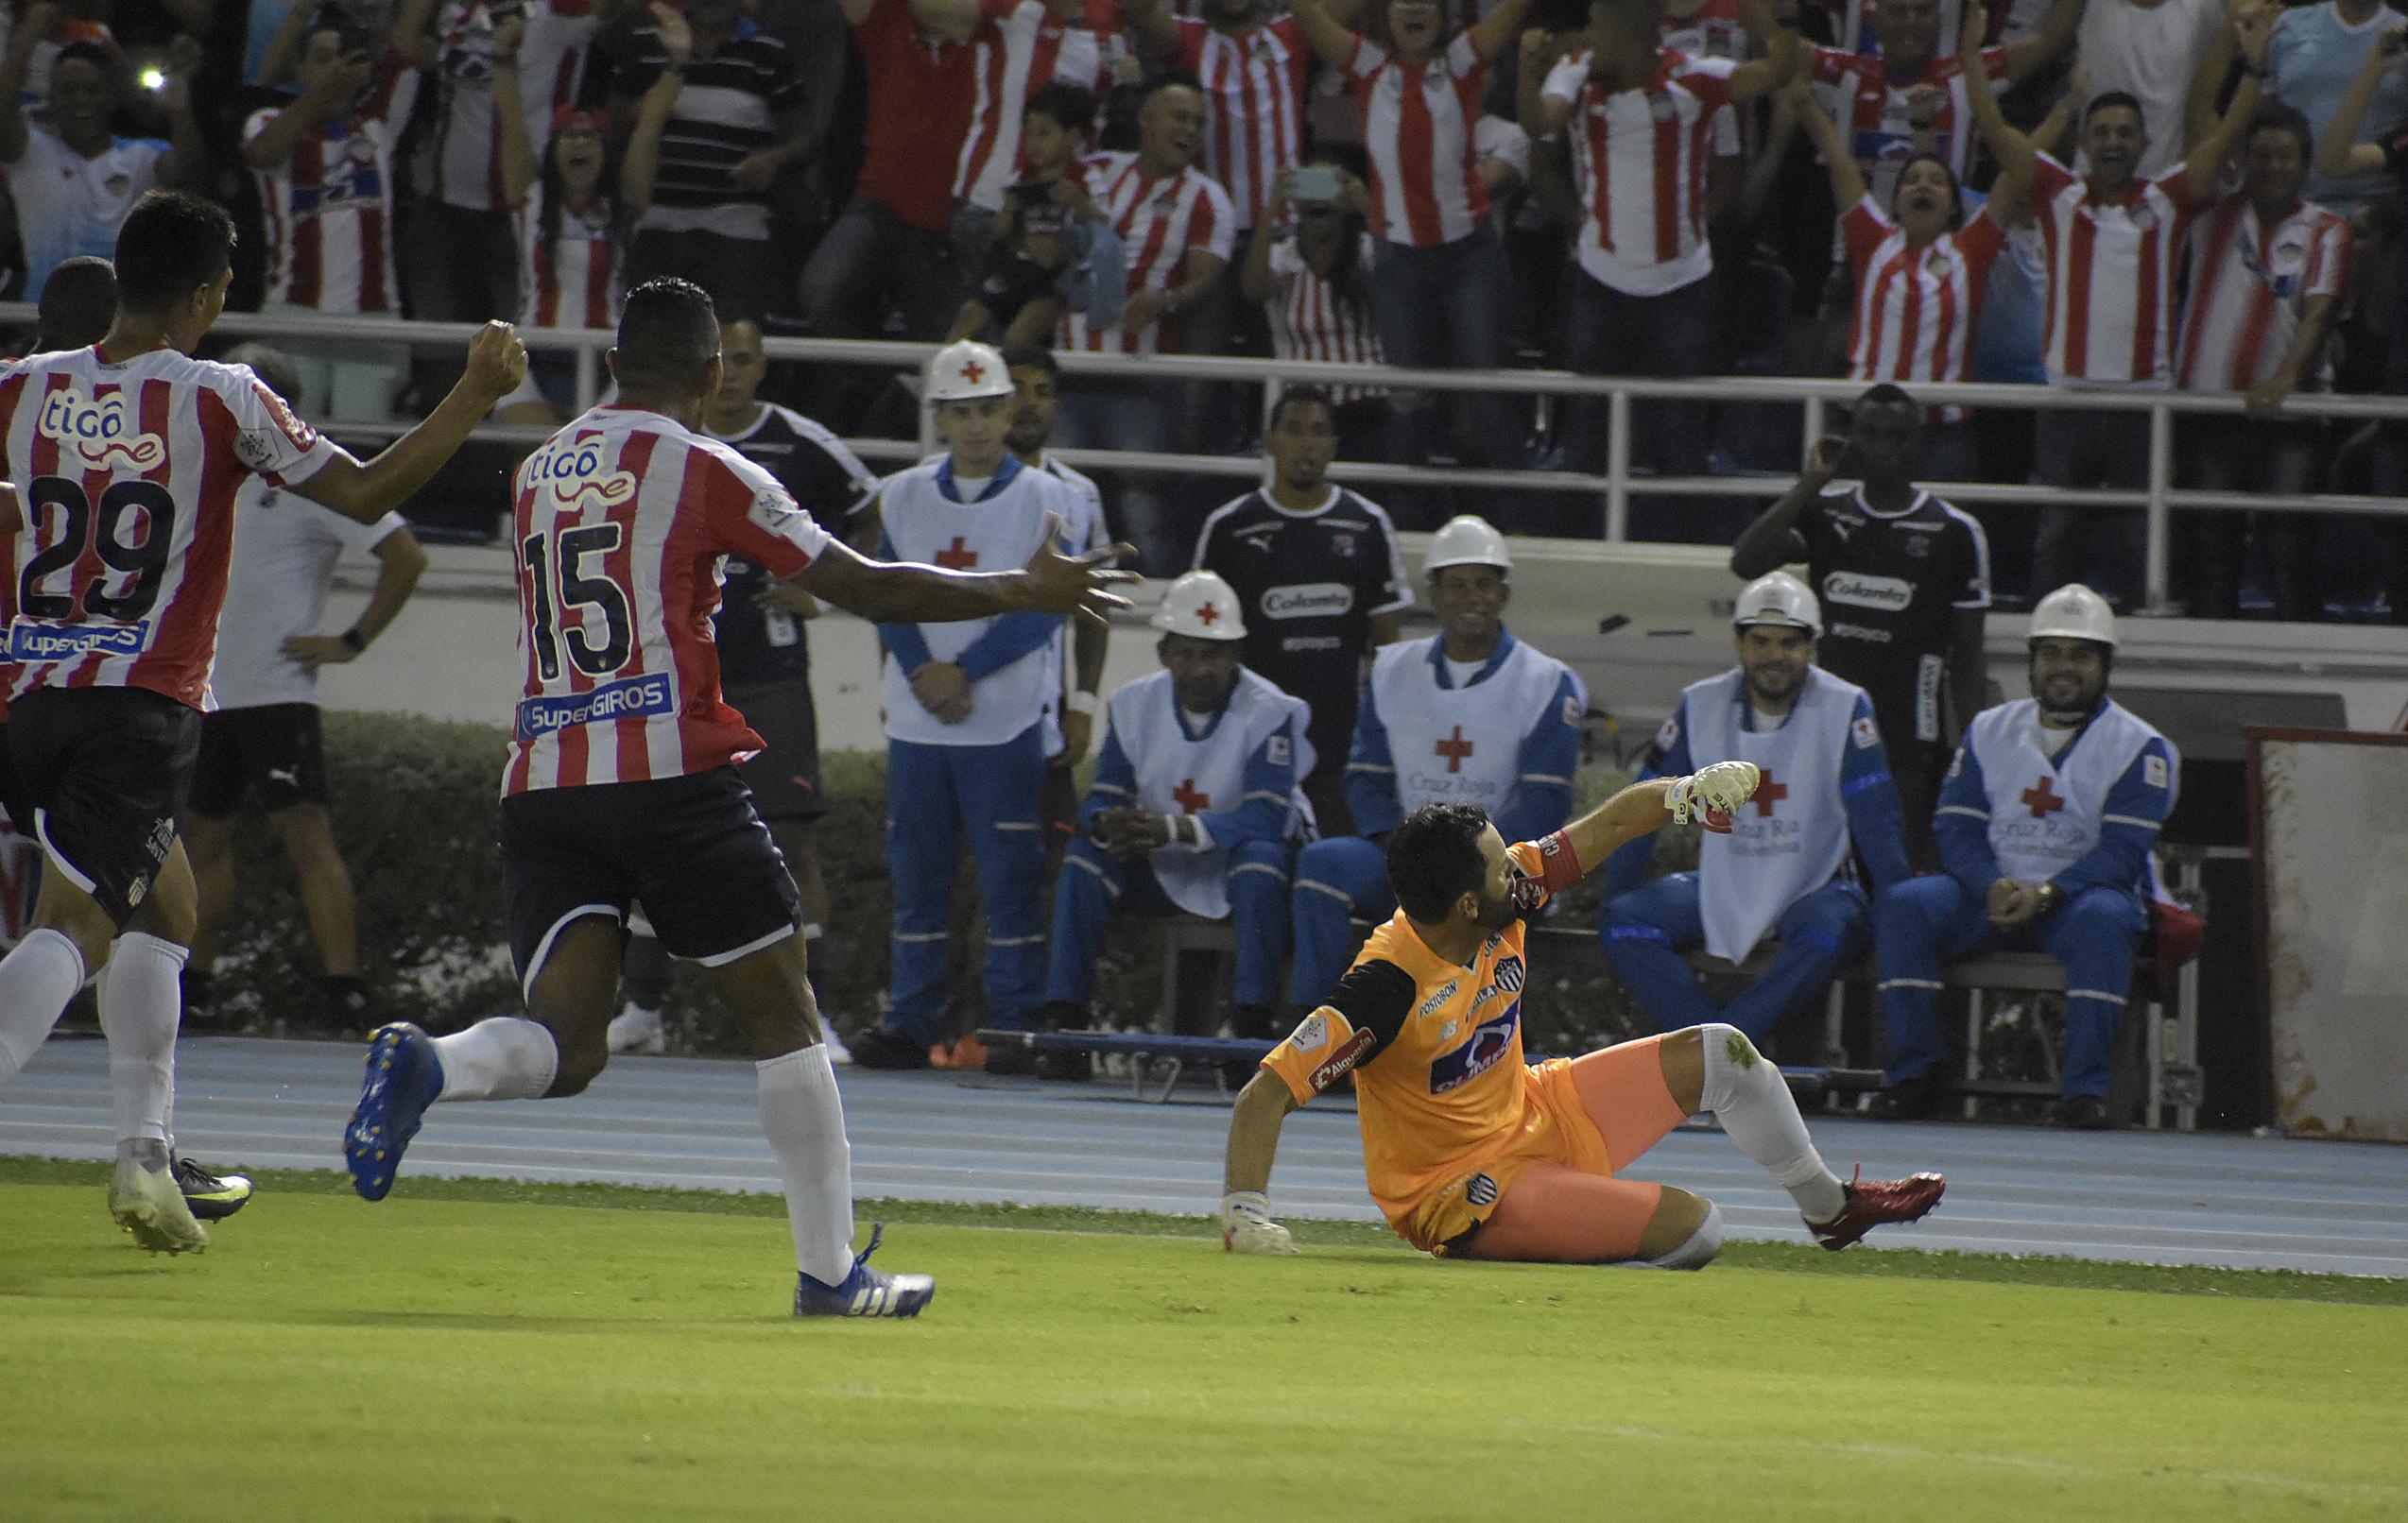 Parte del festejo eufórico de Sebastián Viera tras anotar el gol de tiro libre.